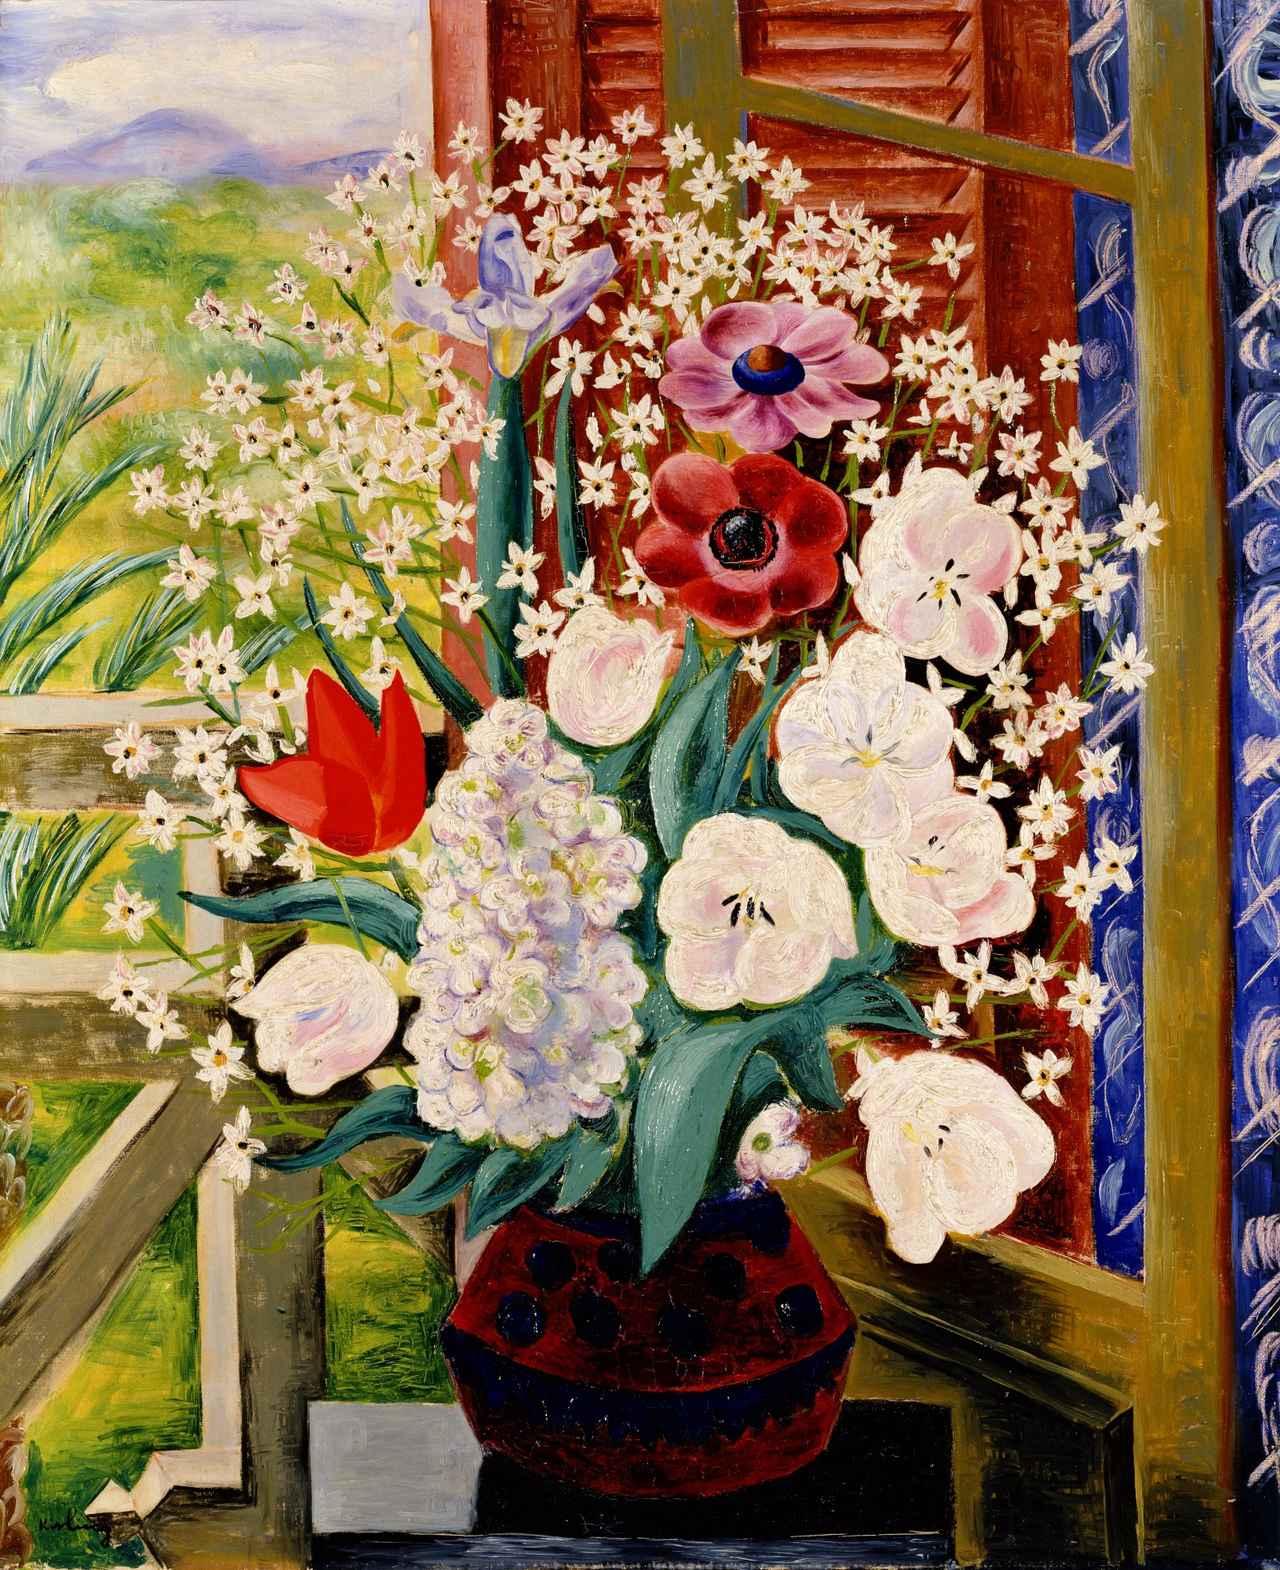 画像: 《花》キスリング 1929年  油彩/カンヴァス  ポーラ美術館蔵